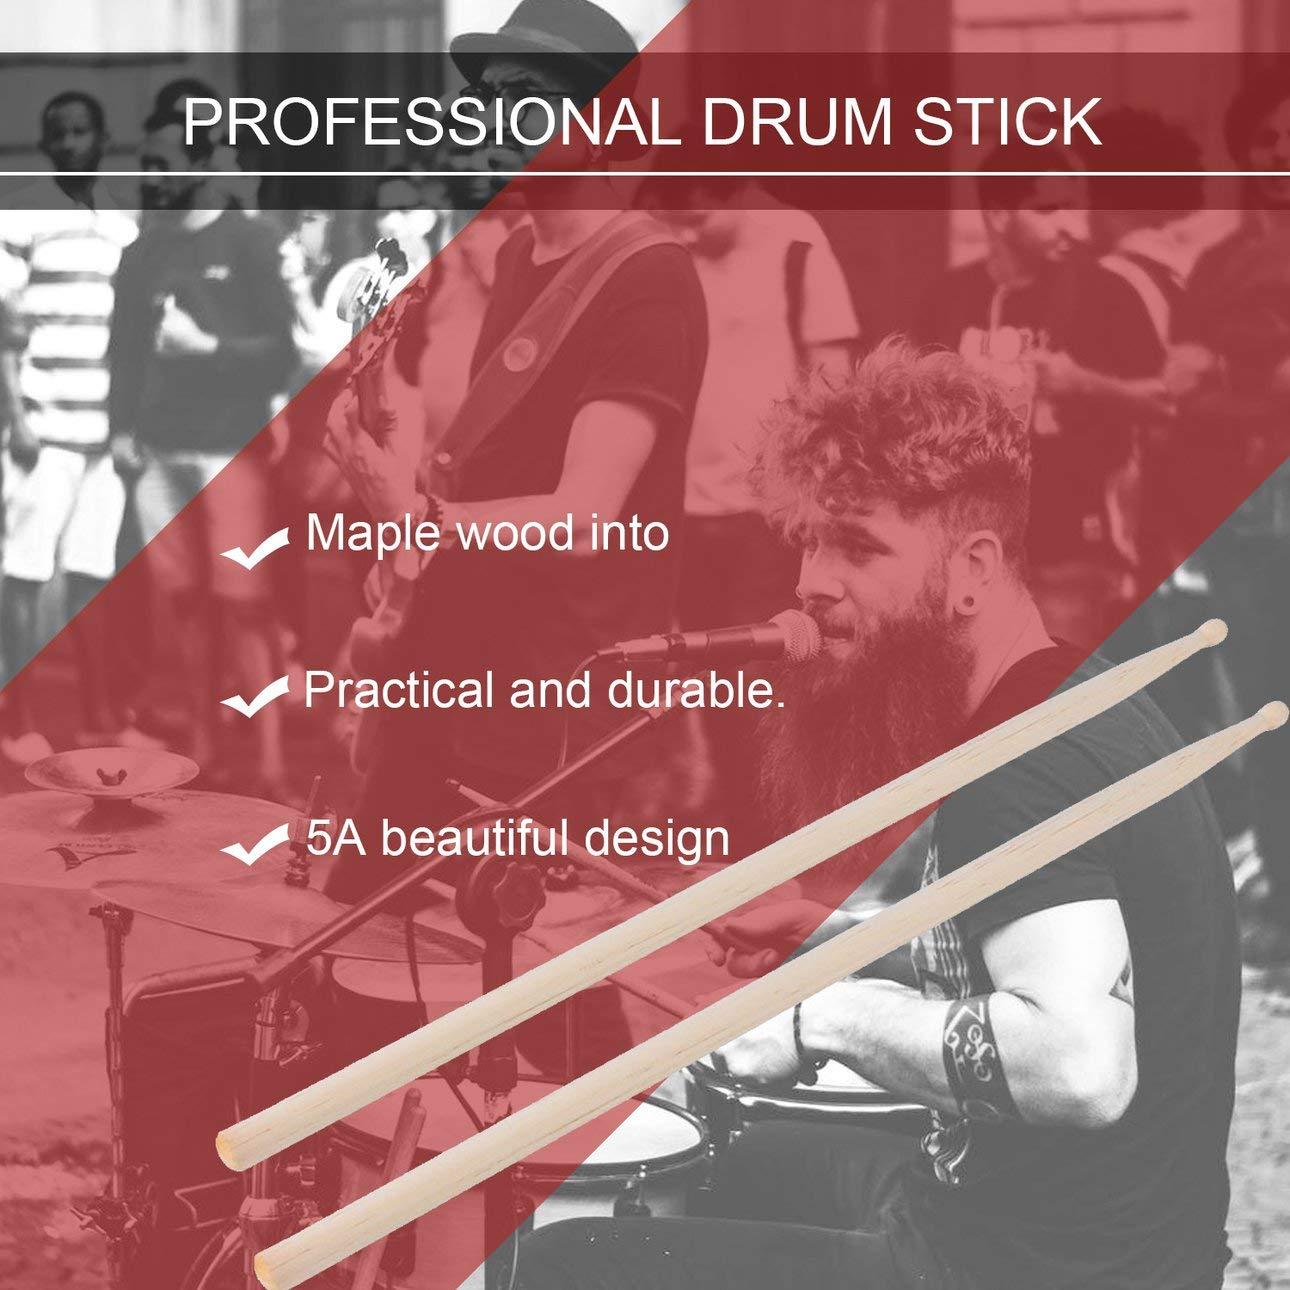 Ajuste liviano para Todos los Tambores adecuados para el Rendimiento del Baterista Ballylelly 1 par de Baquetas Profesionales de Madera 5A para Tambor